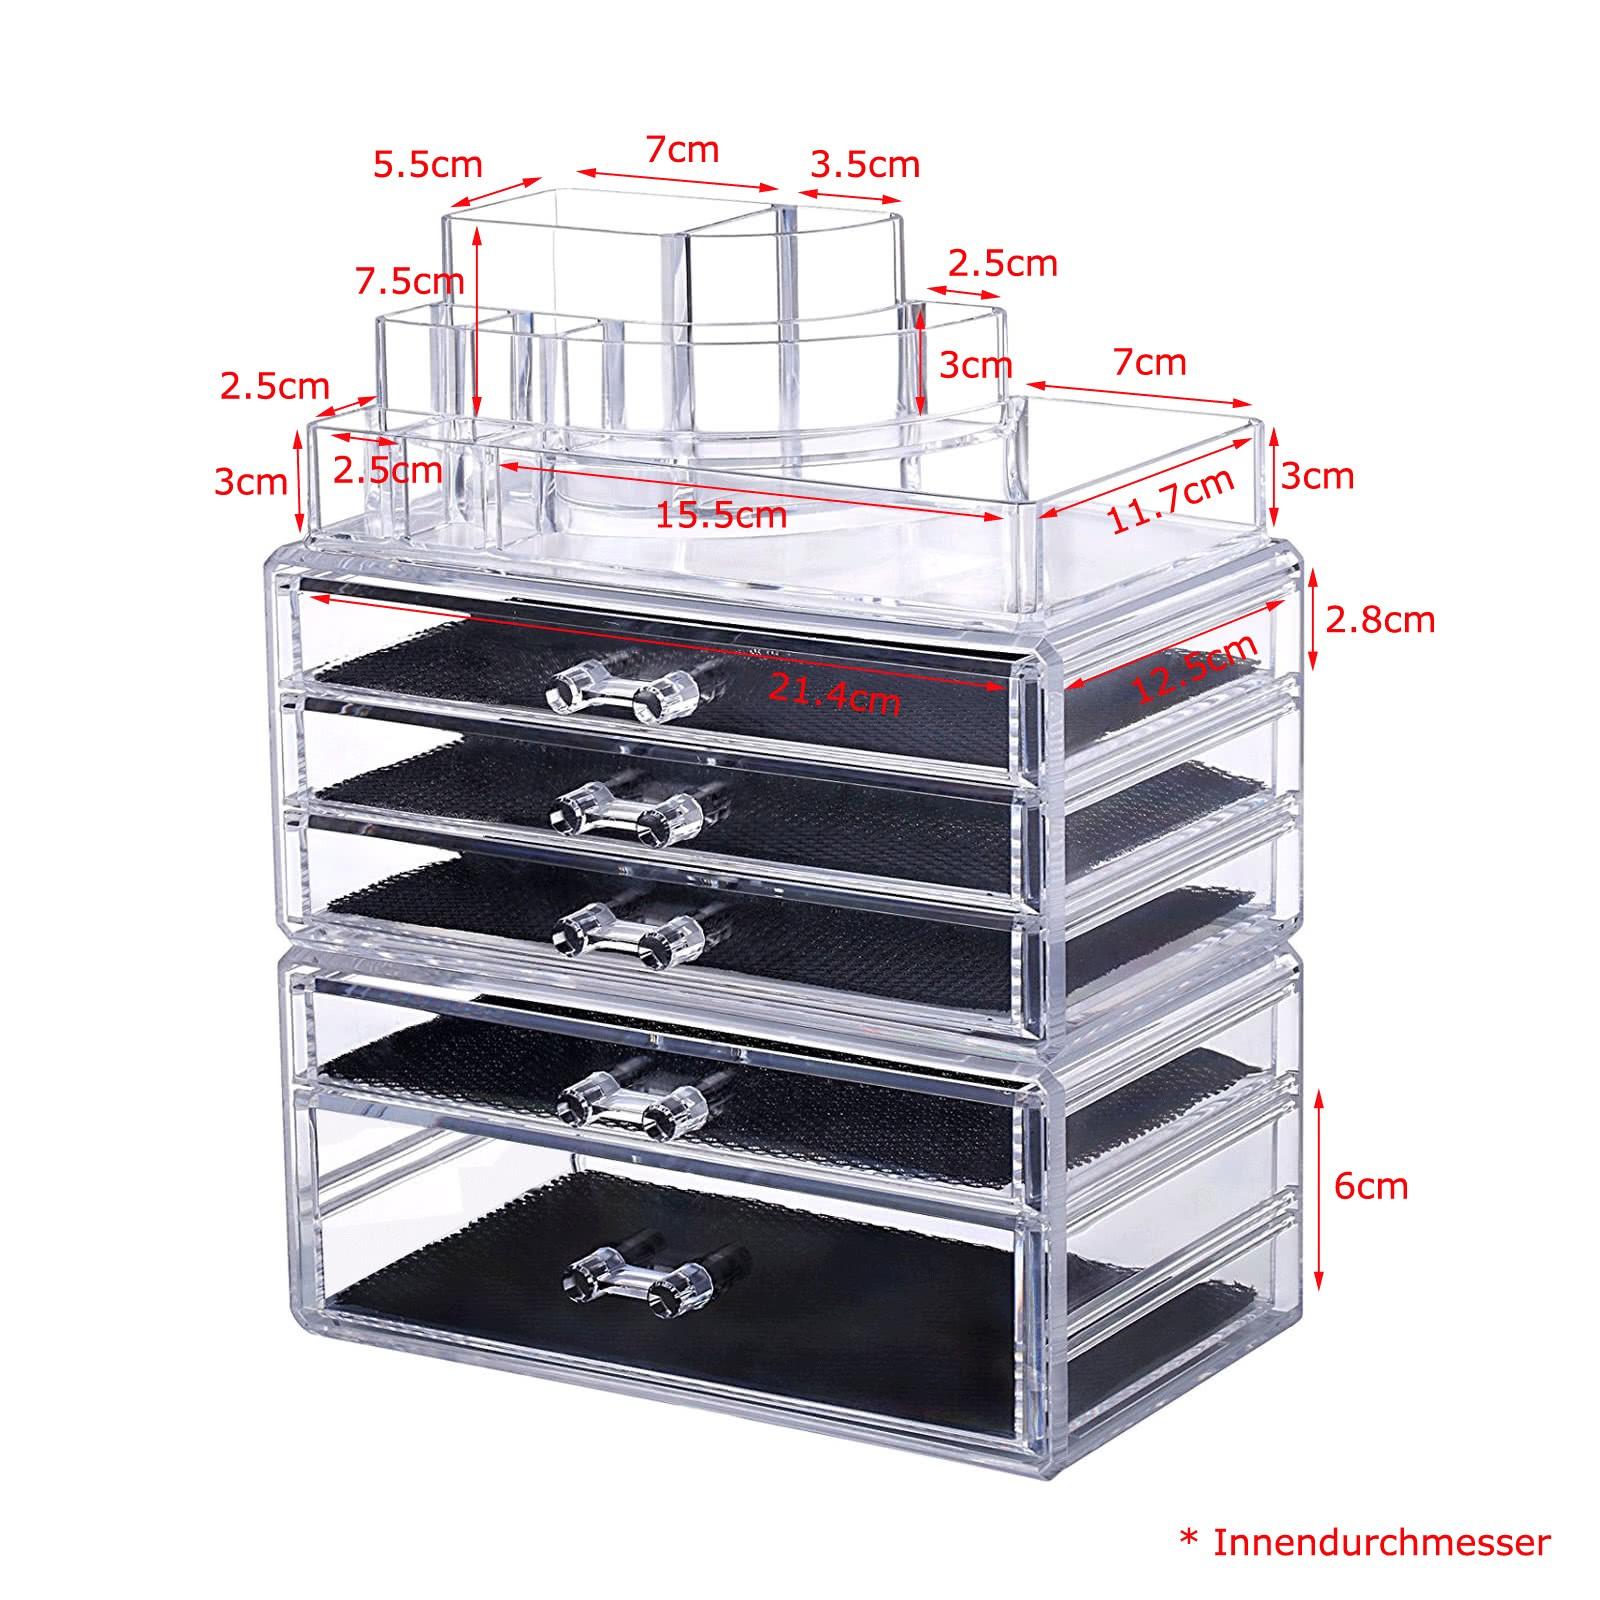 Küchen Schubladen Organizer: Alaiyff